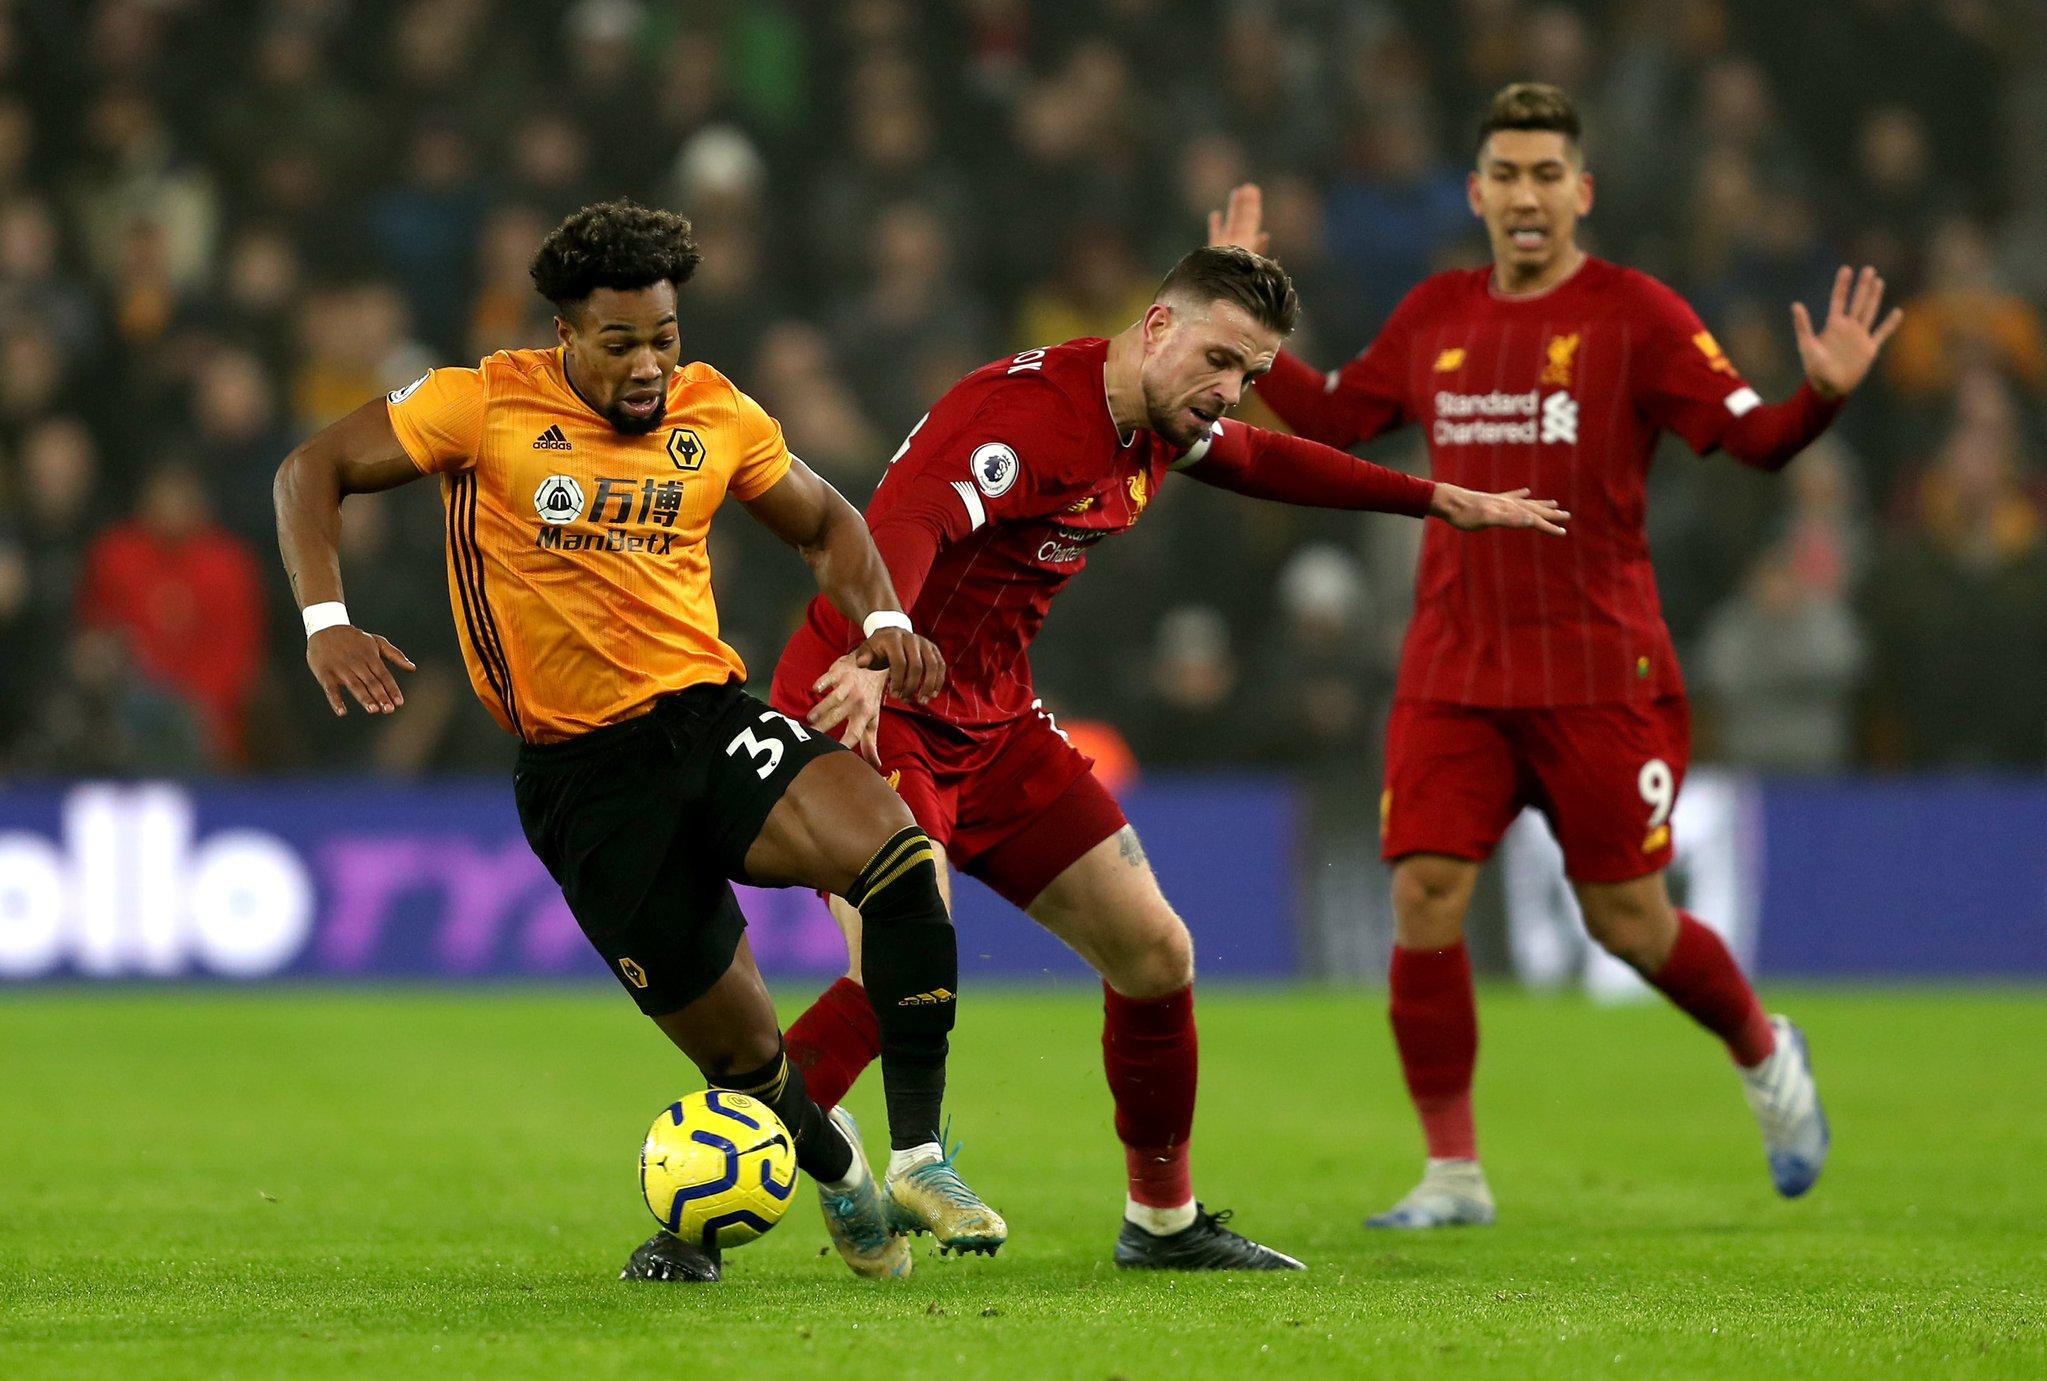 利物浦vs狼队赛后评分:亨德森8.2分全场最高